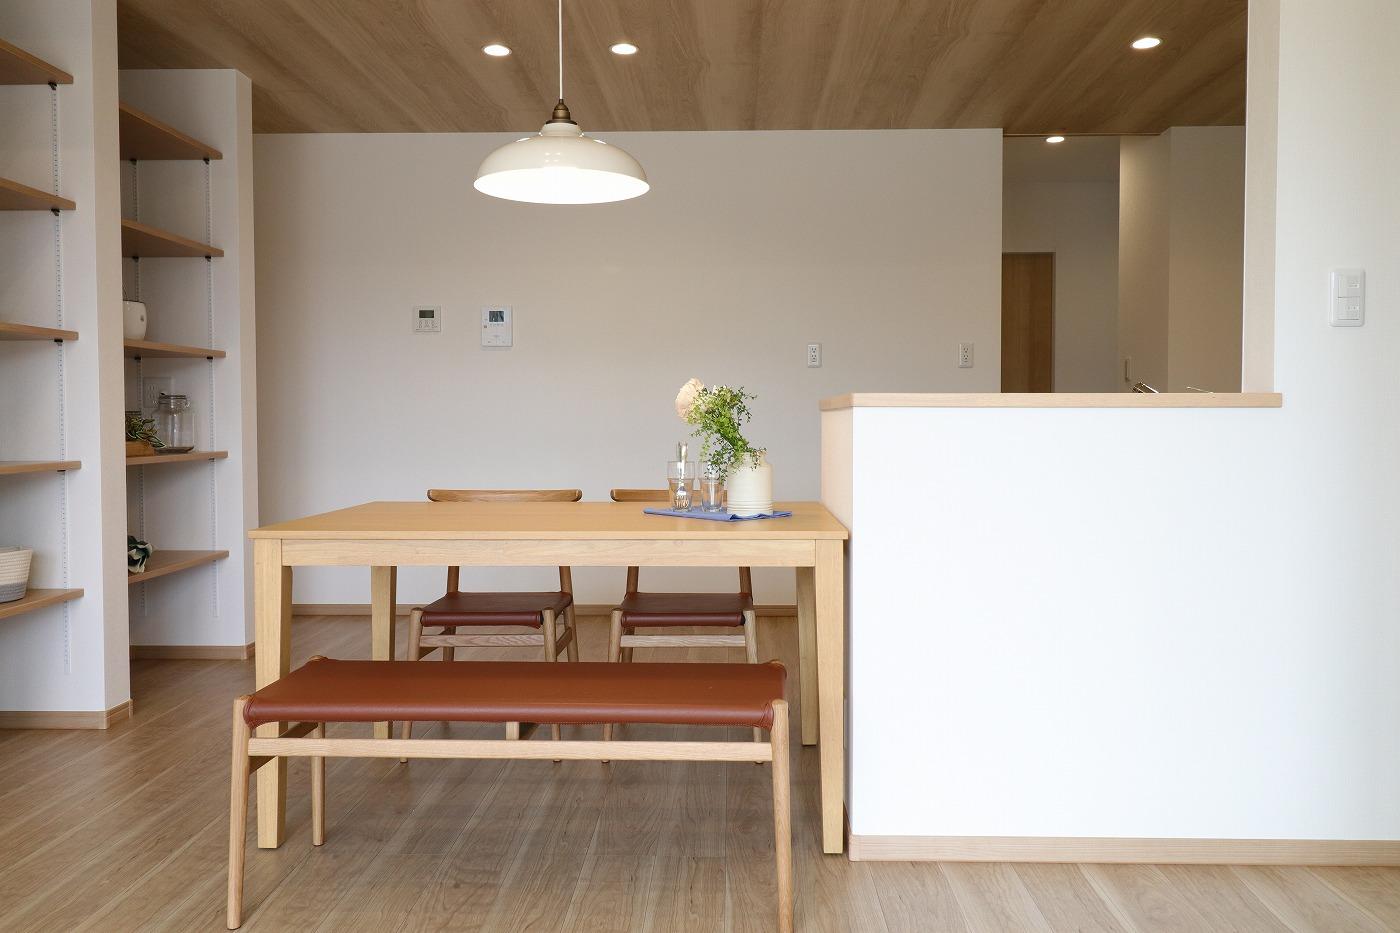 高松市小村町の平屋建て新築分譲住宅のダイニング家具